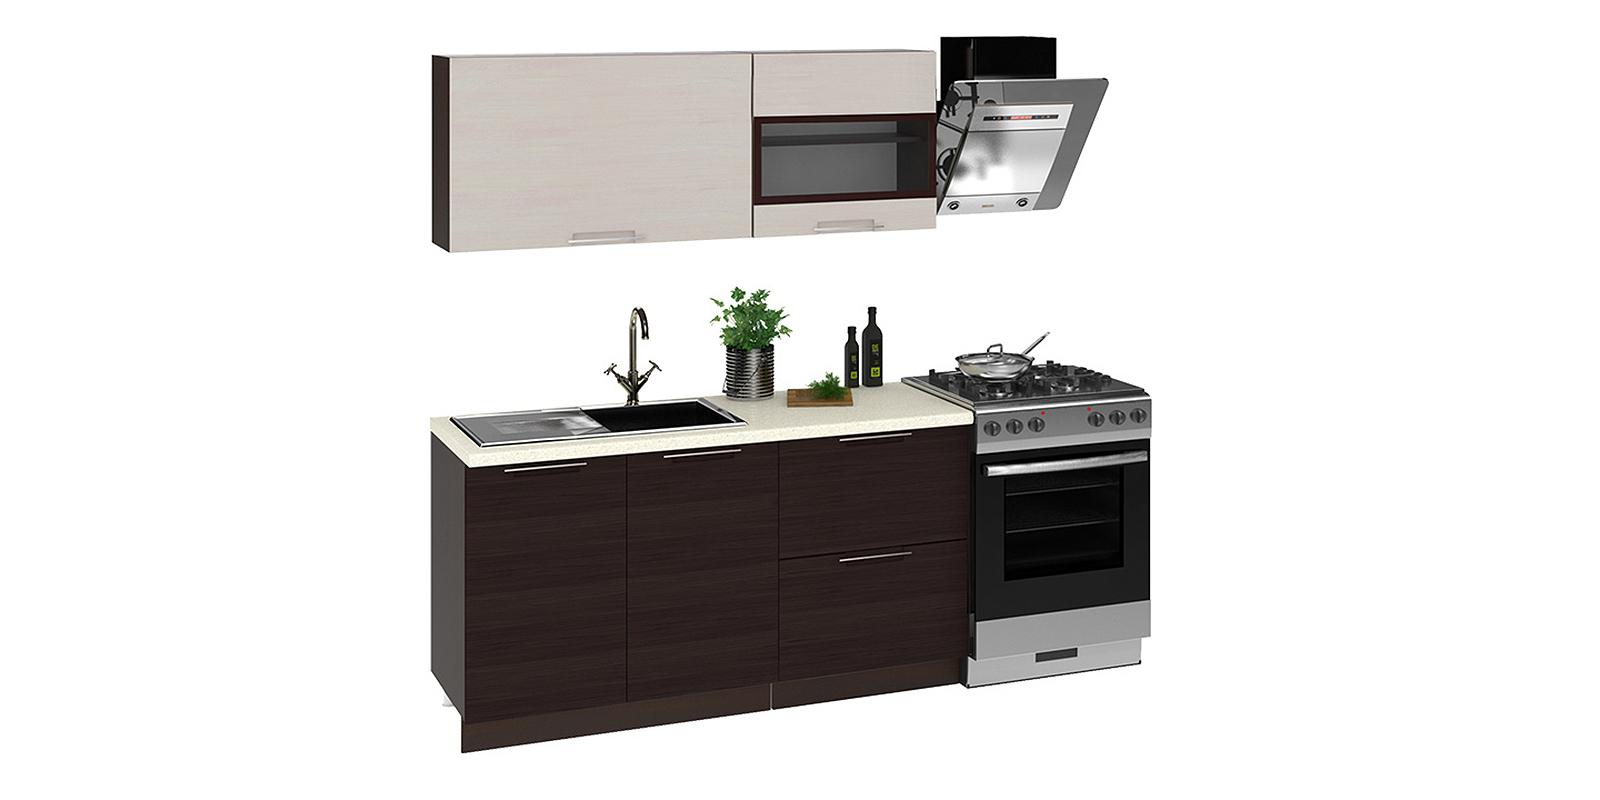 Кухонный гарнитур Мелани 210 см (коричневый)